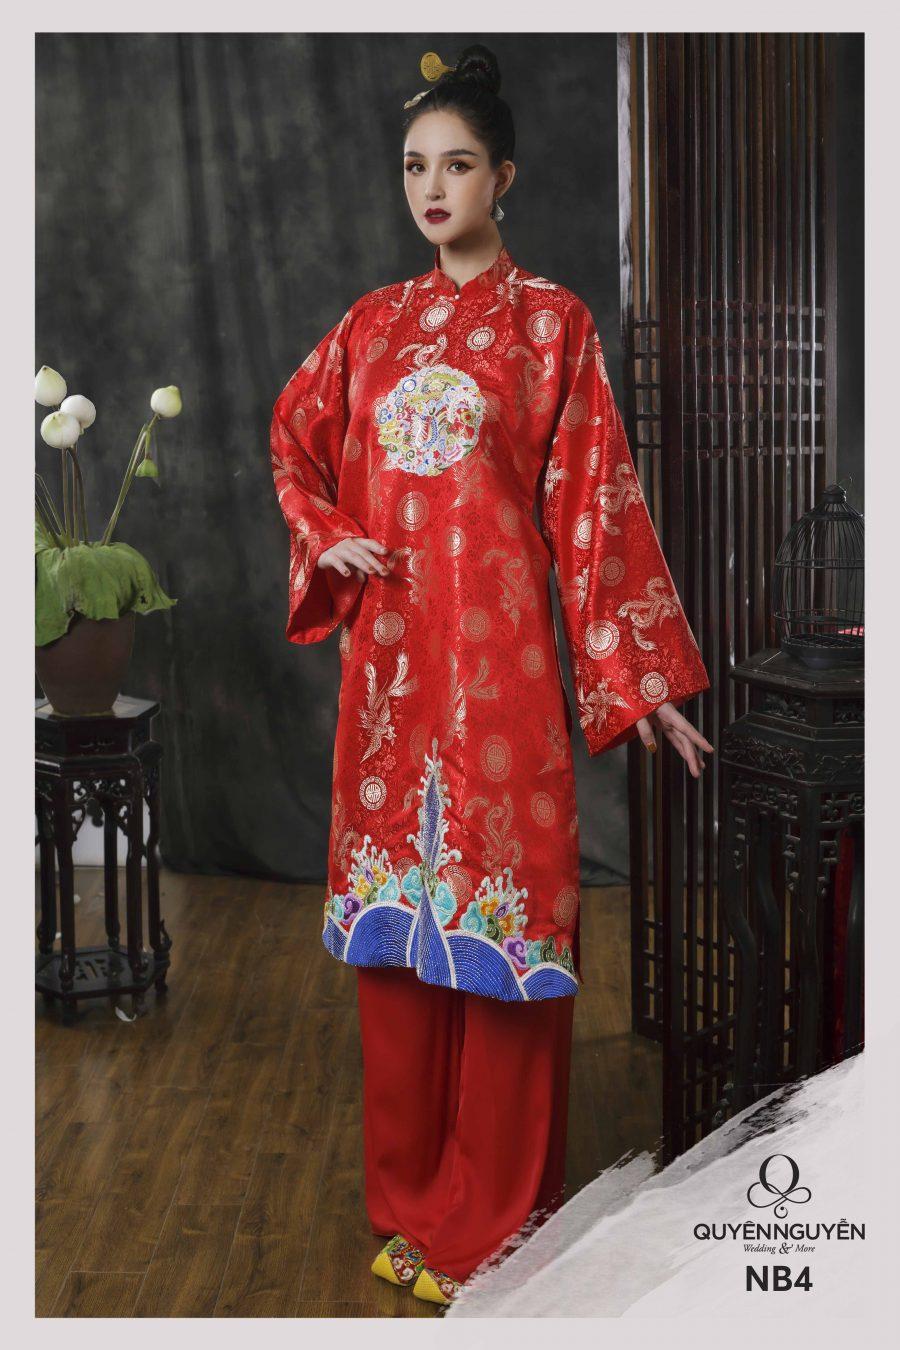 Áo dài màu đỏ họa tiết chim phượng hoàng NB4